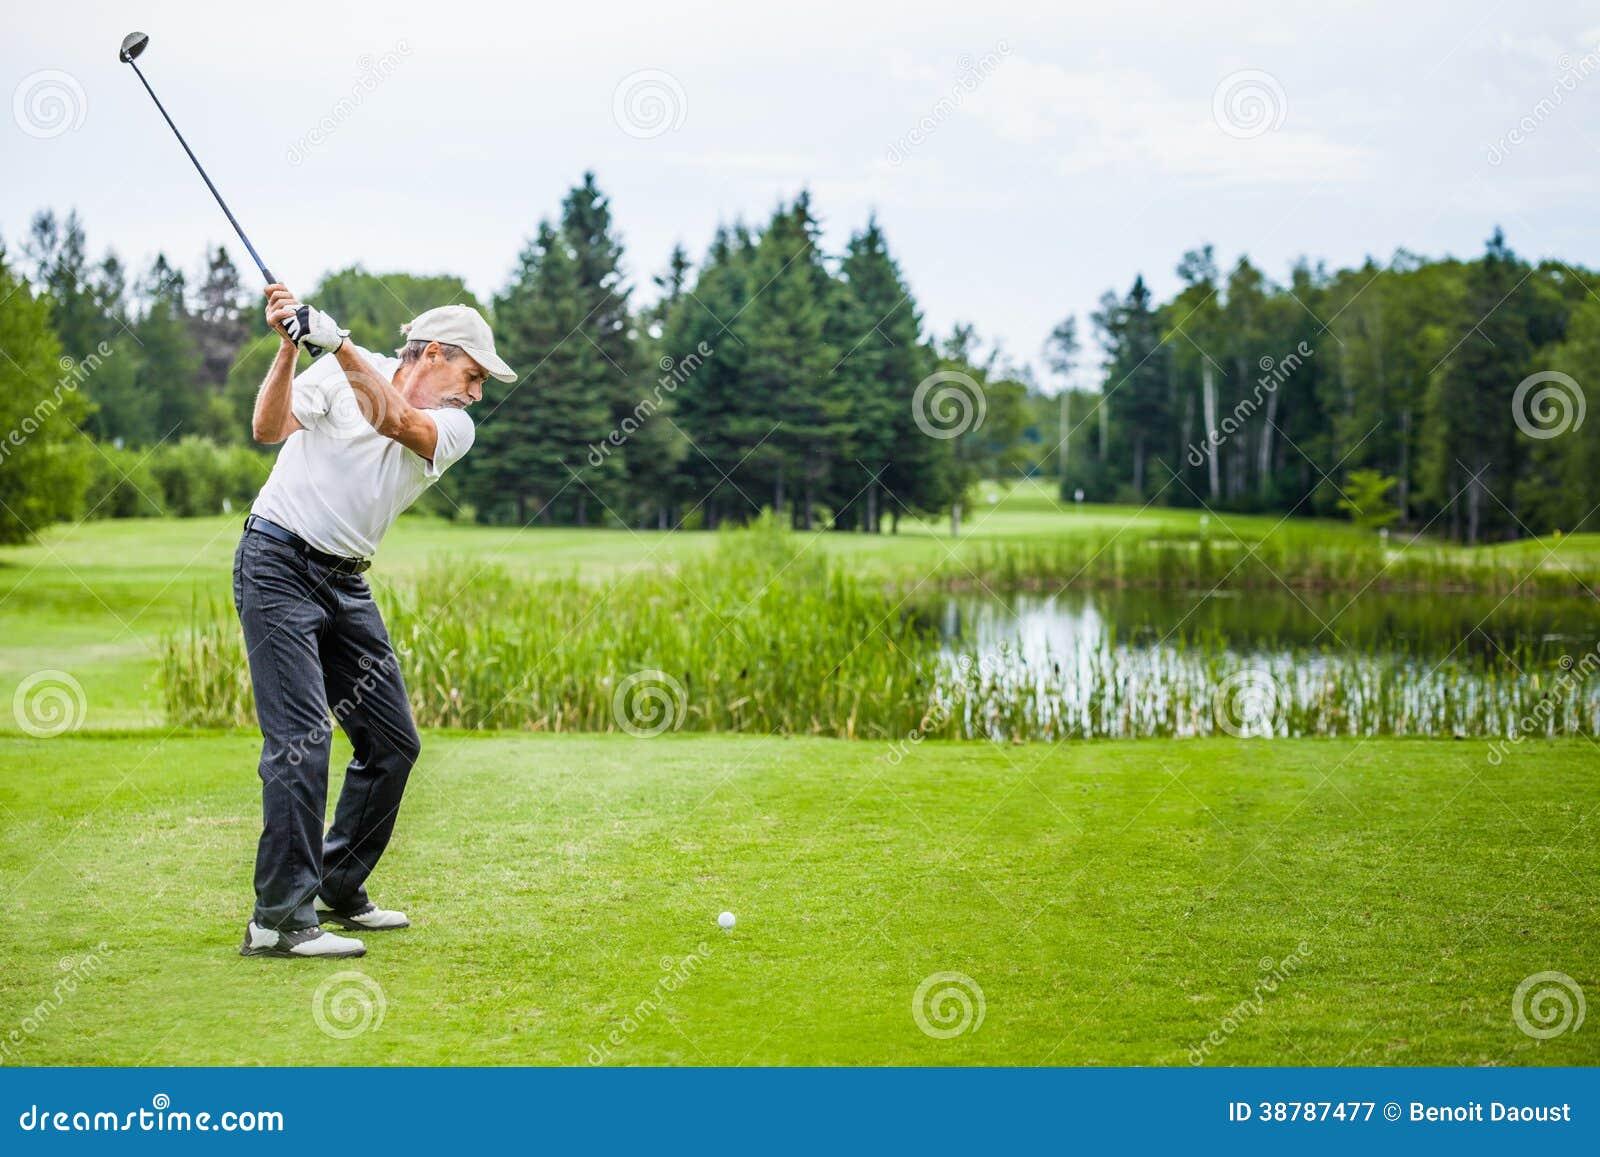 Зрелый игрок в гольф на поле для гольфа